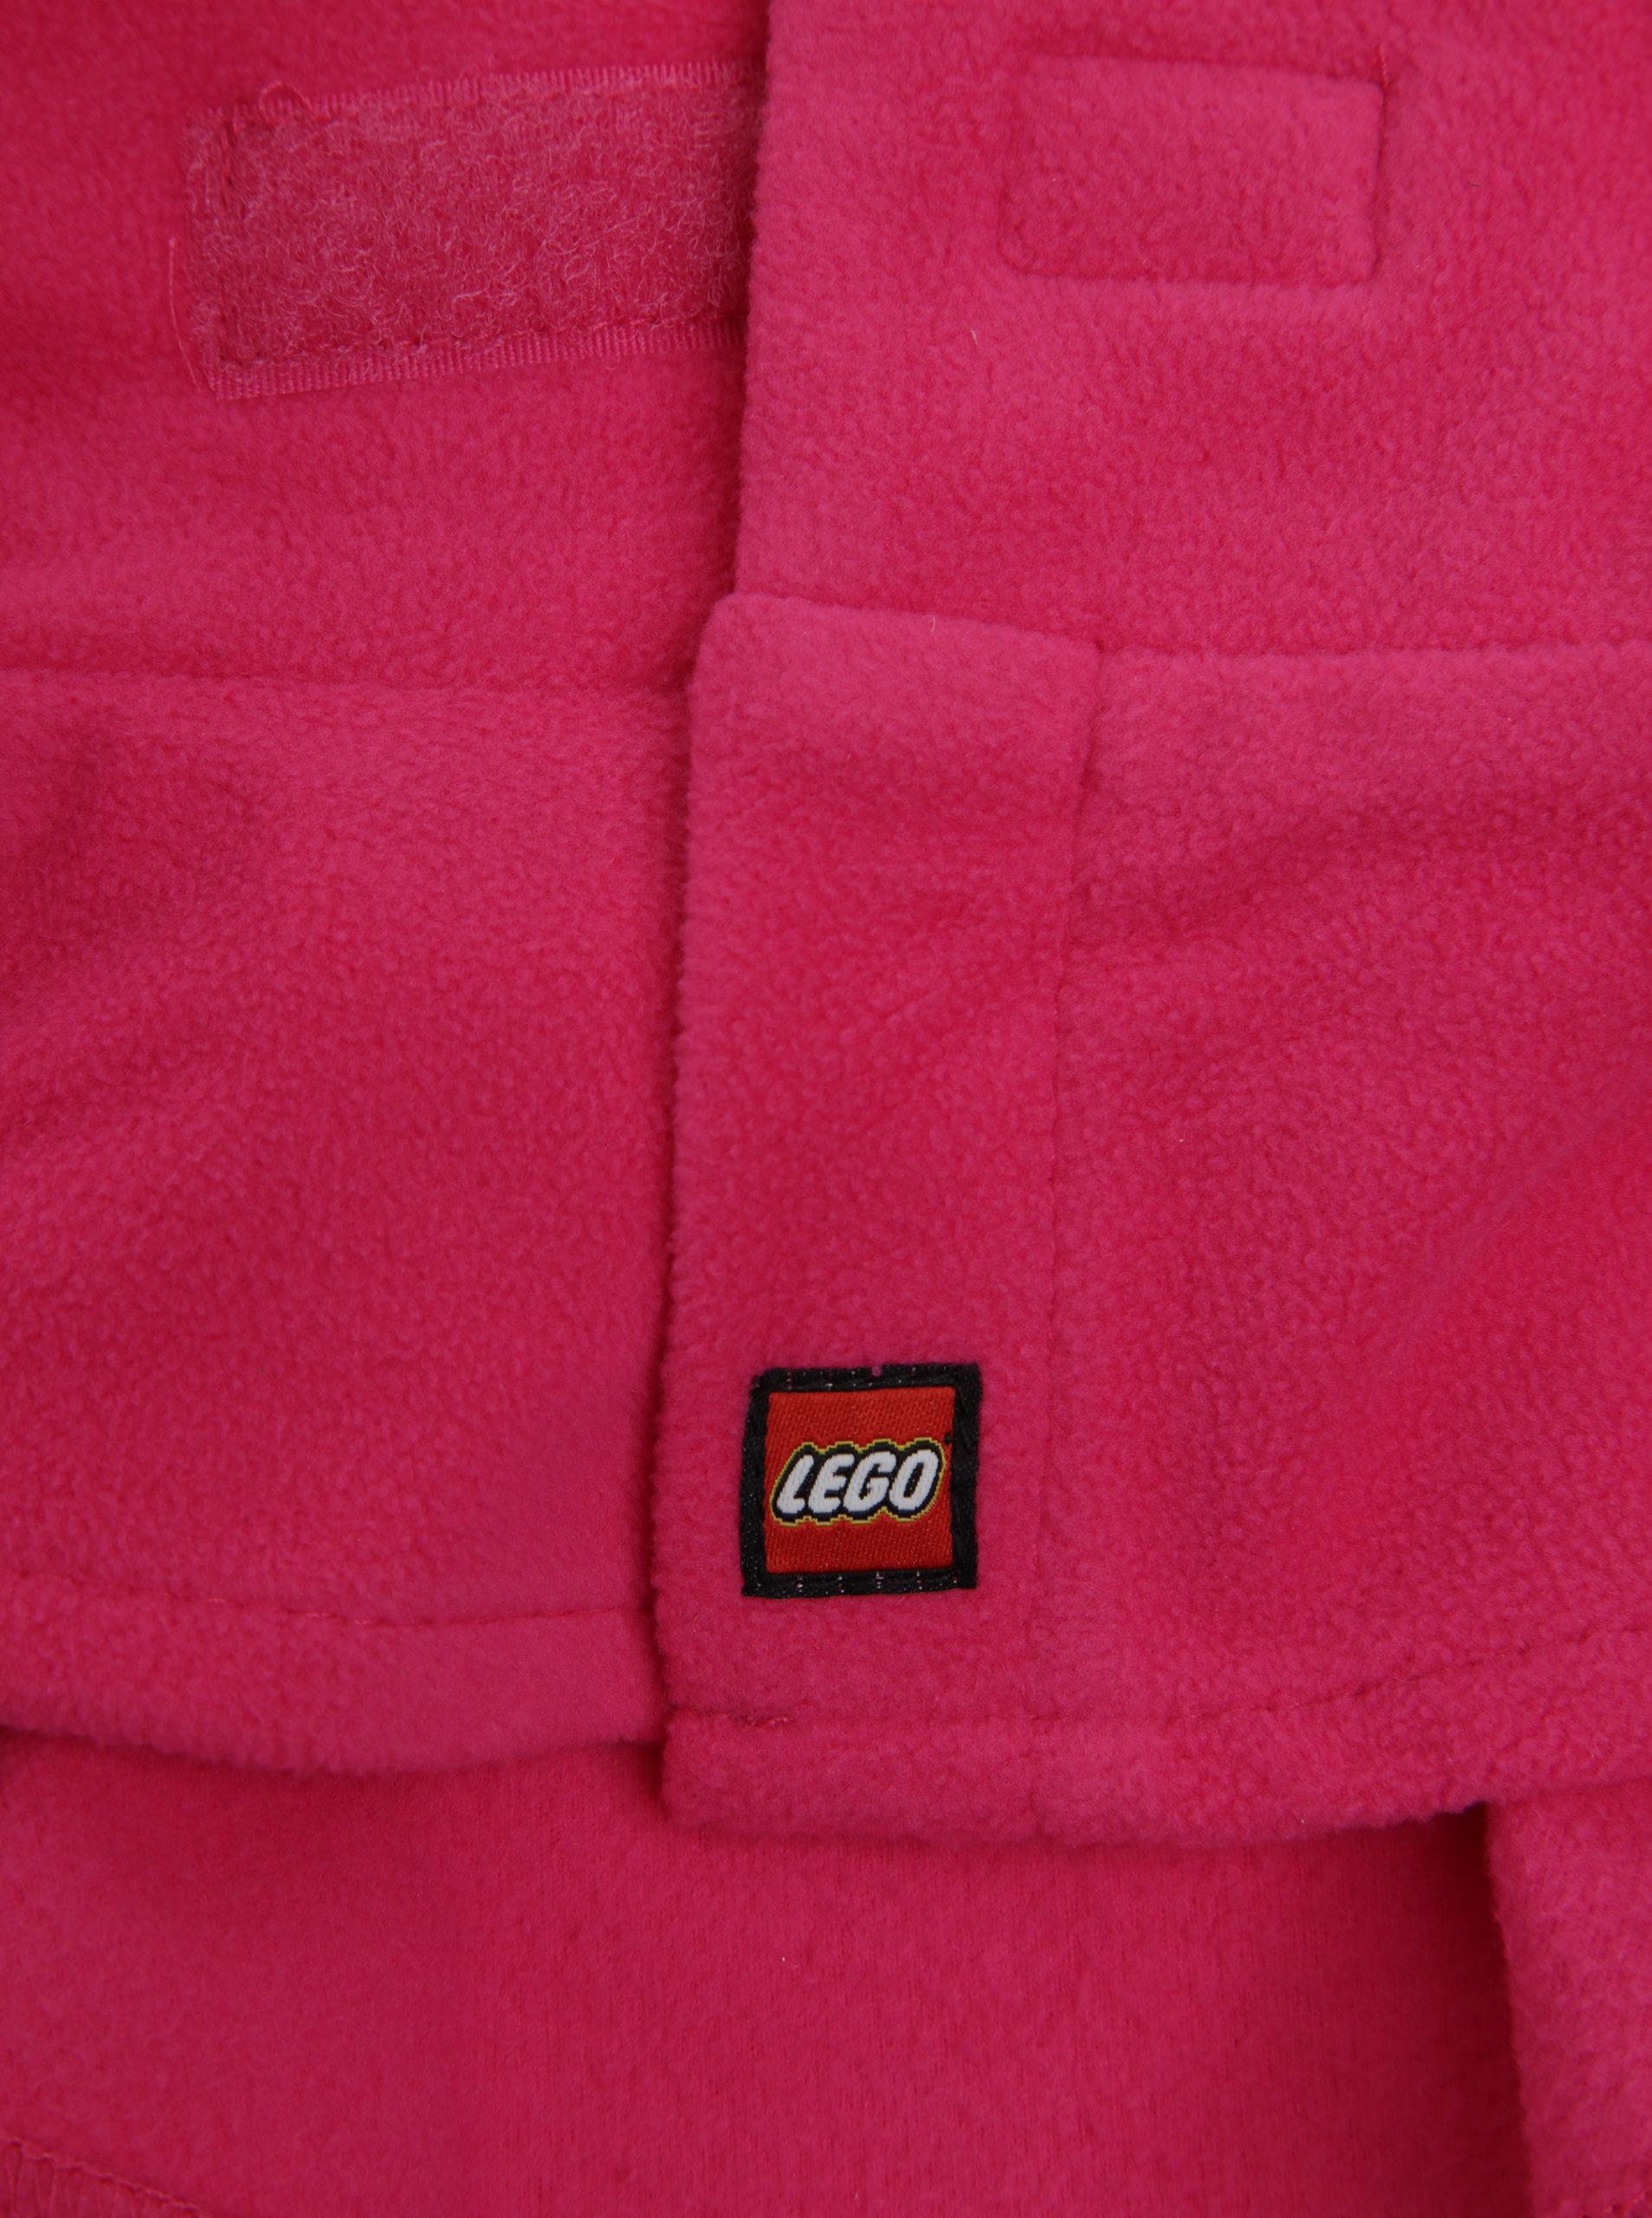 Růžový holčičí nákrčník Lego Wear Ayan - SLEVA!  baae149996